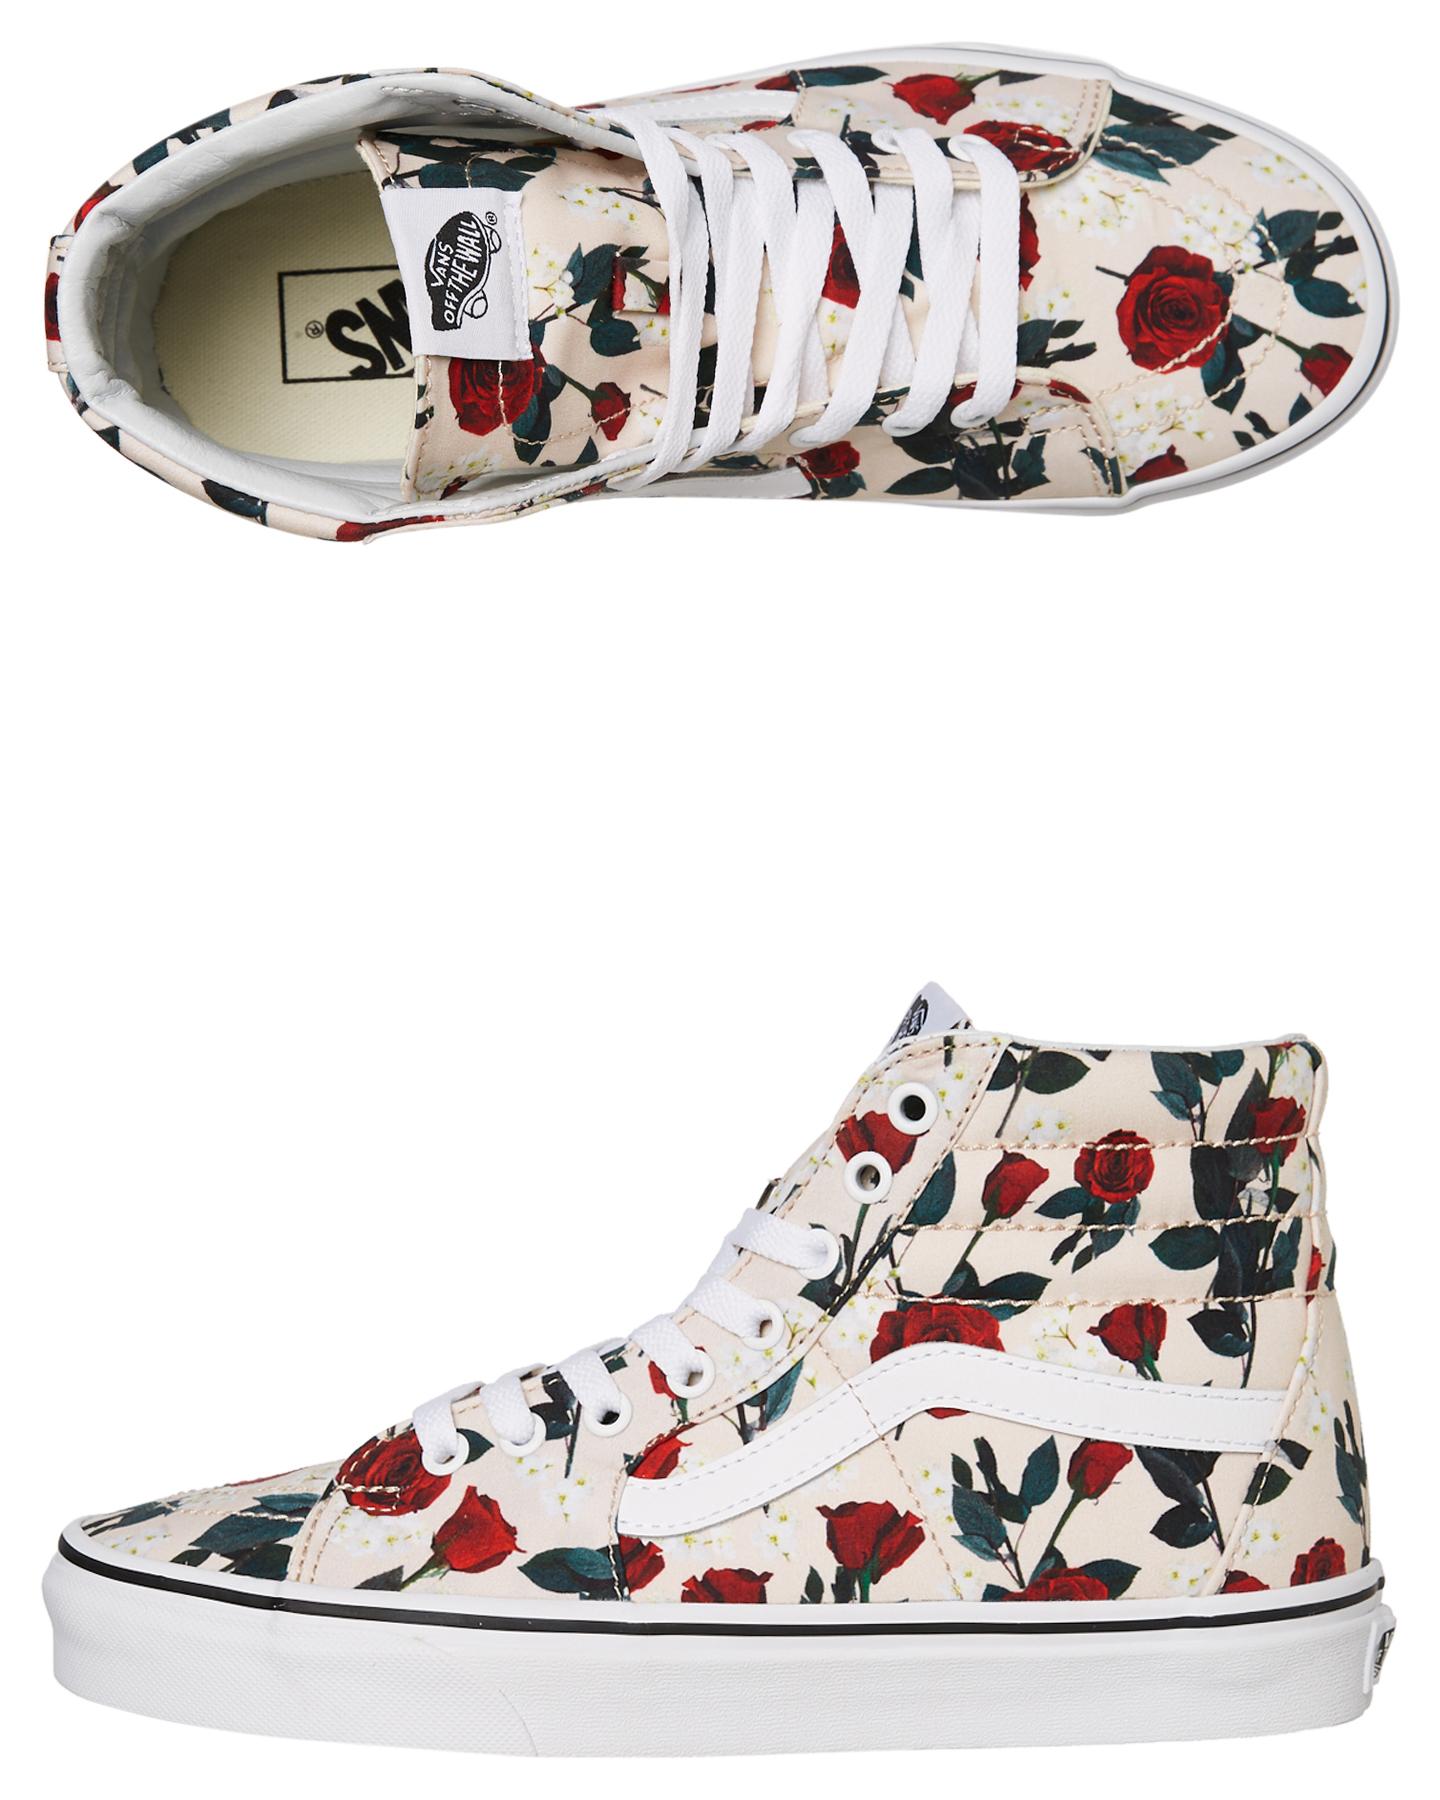 Vans Womens Sk8 Hi Shoe - Roses | SurfStitch